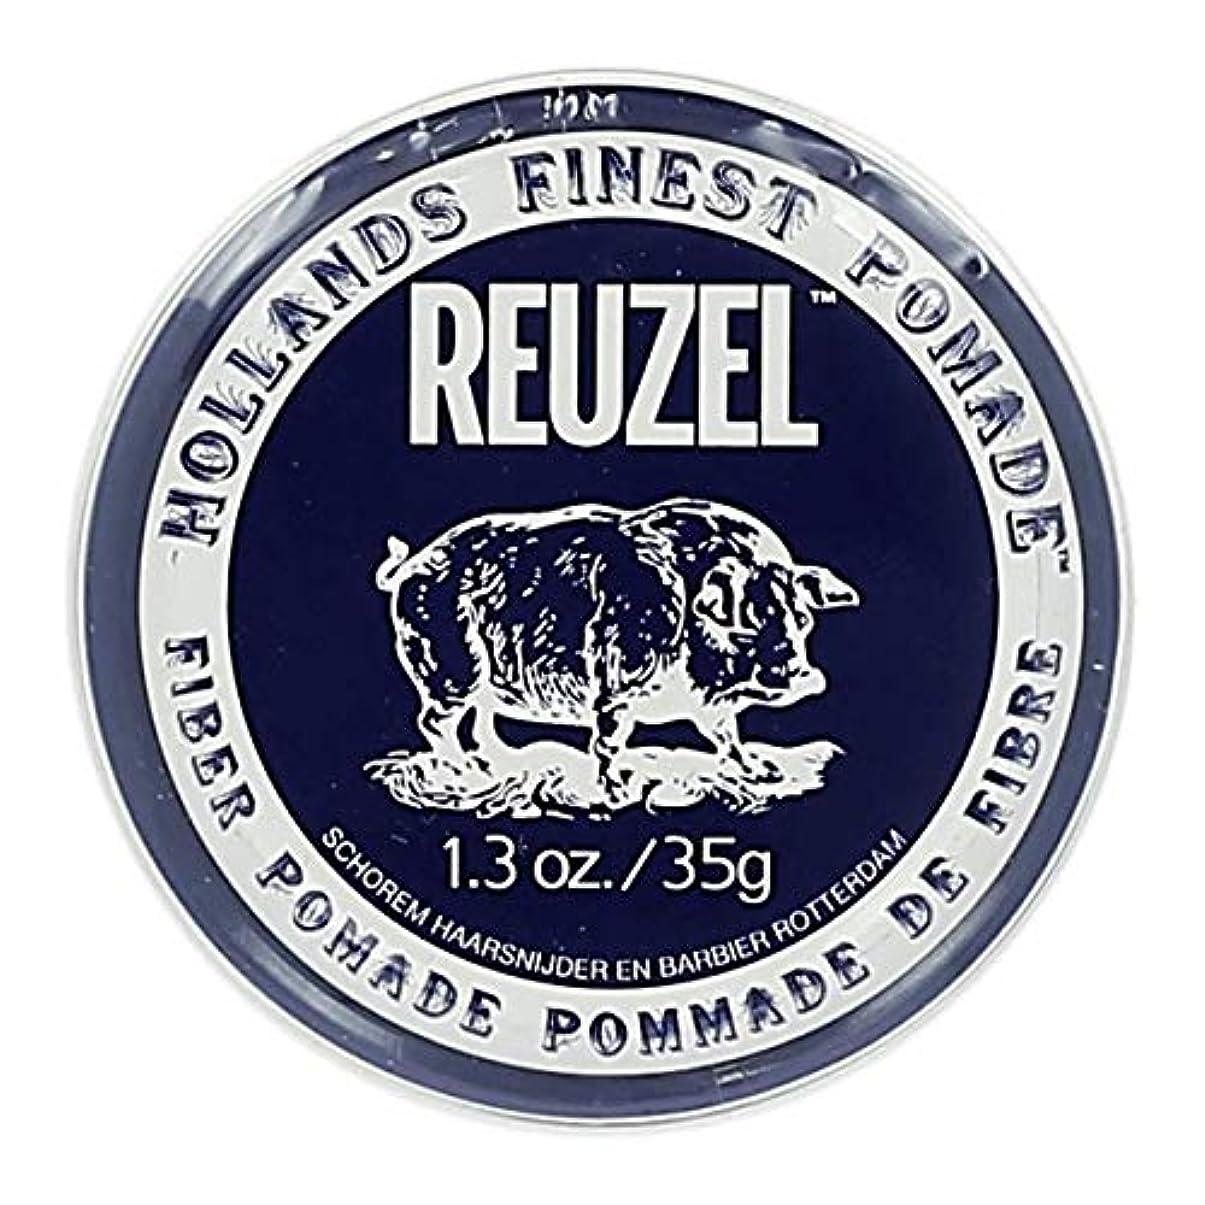 不足受け入れ熱帯のルーゾー ネイビー ファイバー ポマード Reuzel Navy Fiber Pomade 35 g [並行輸入品]